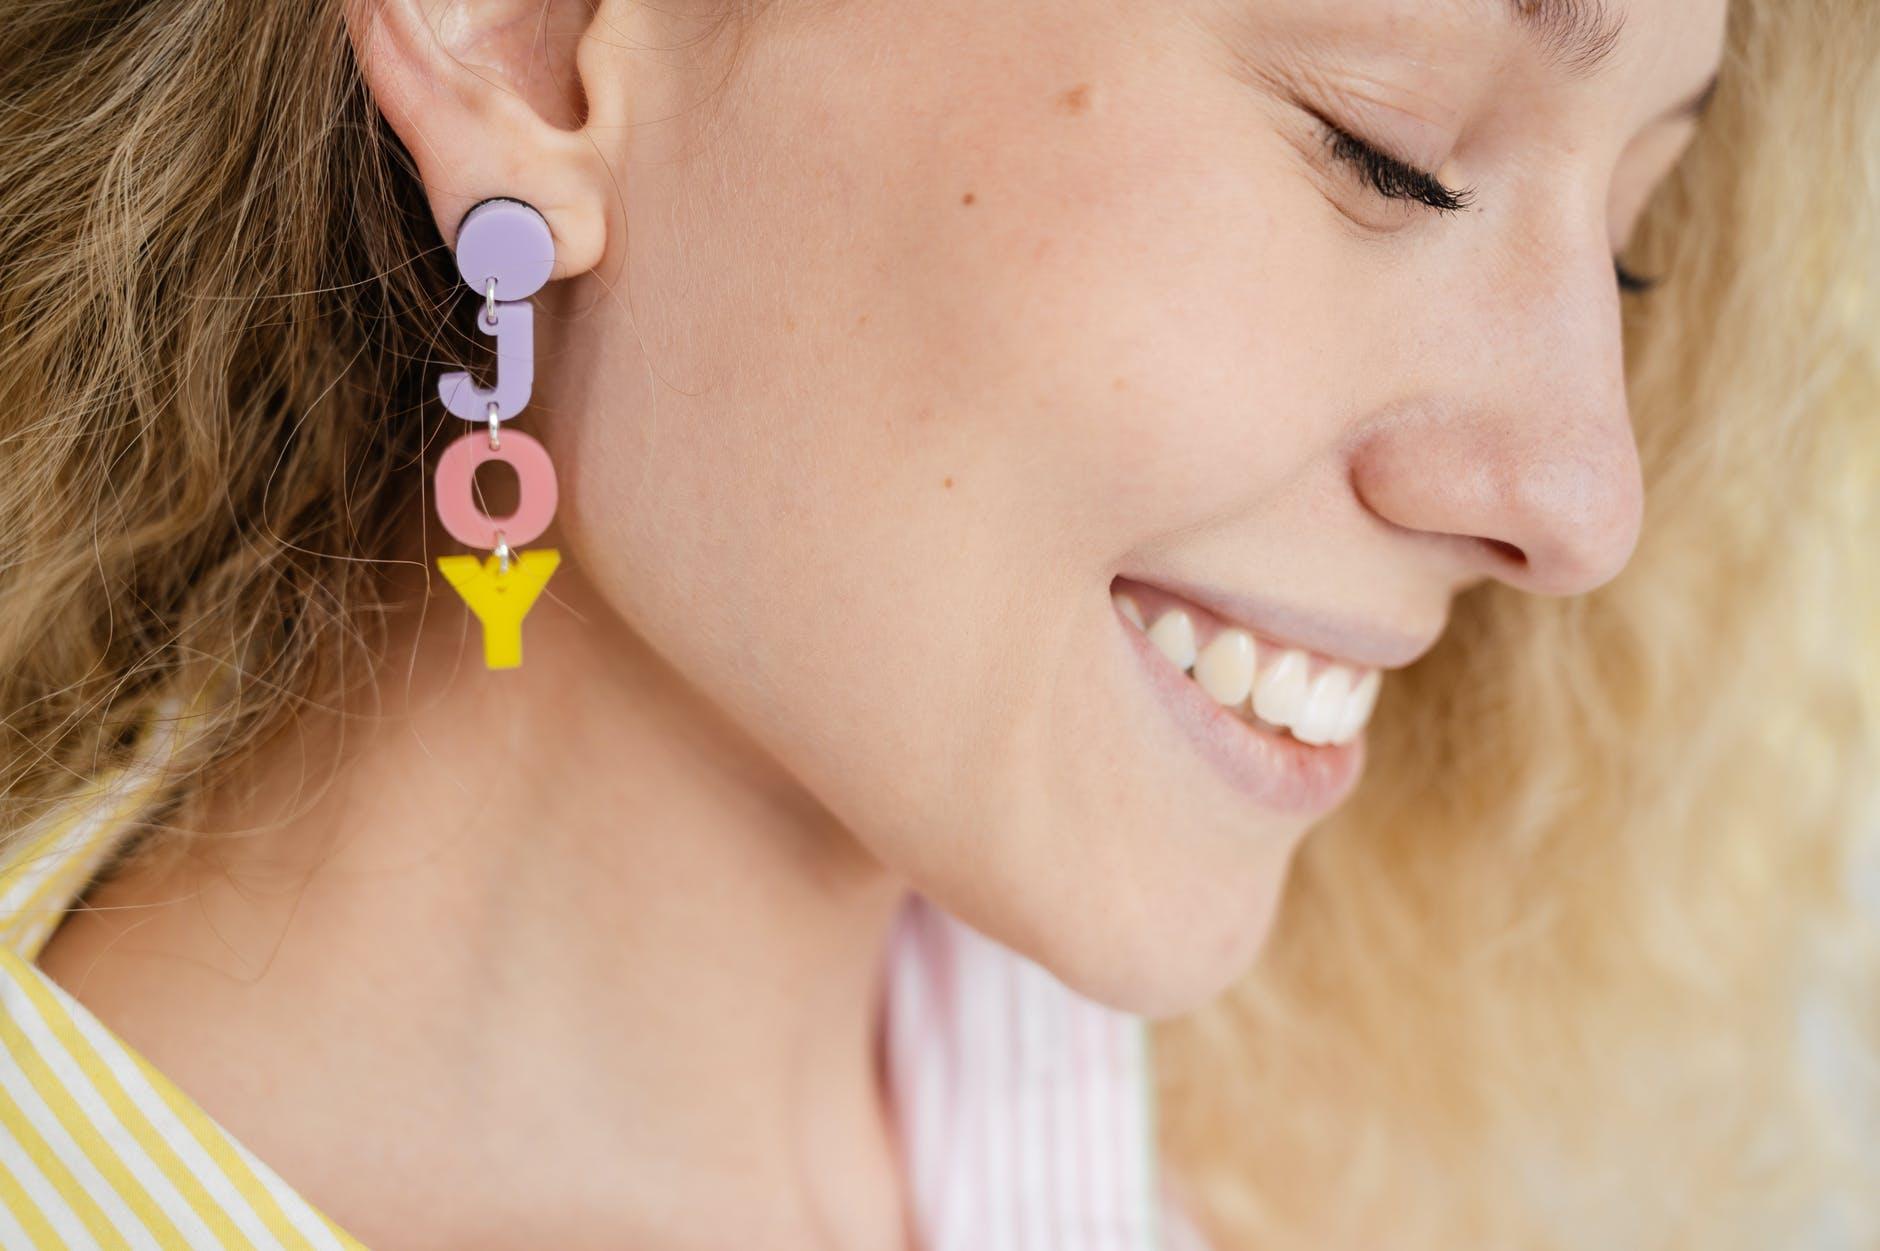 smiling woman wearing an earring